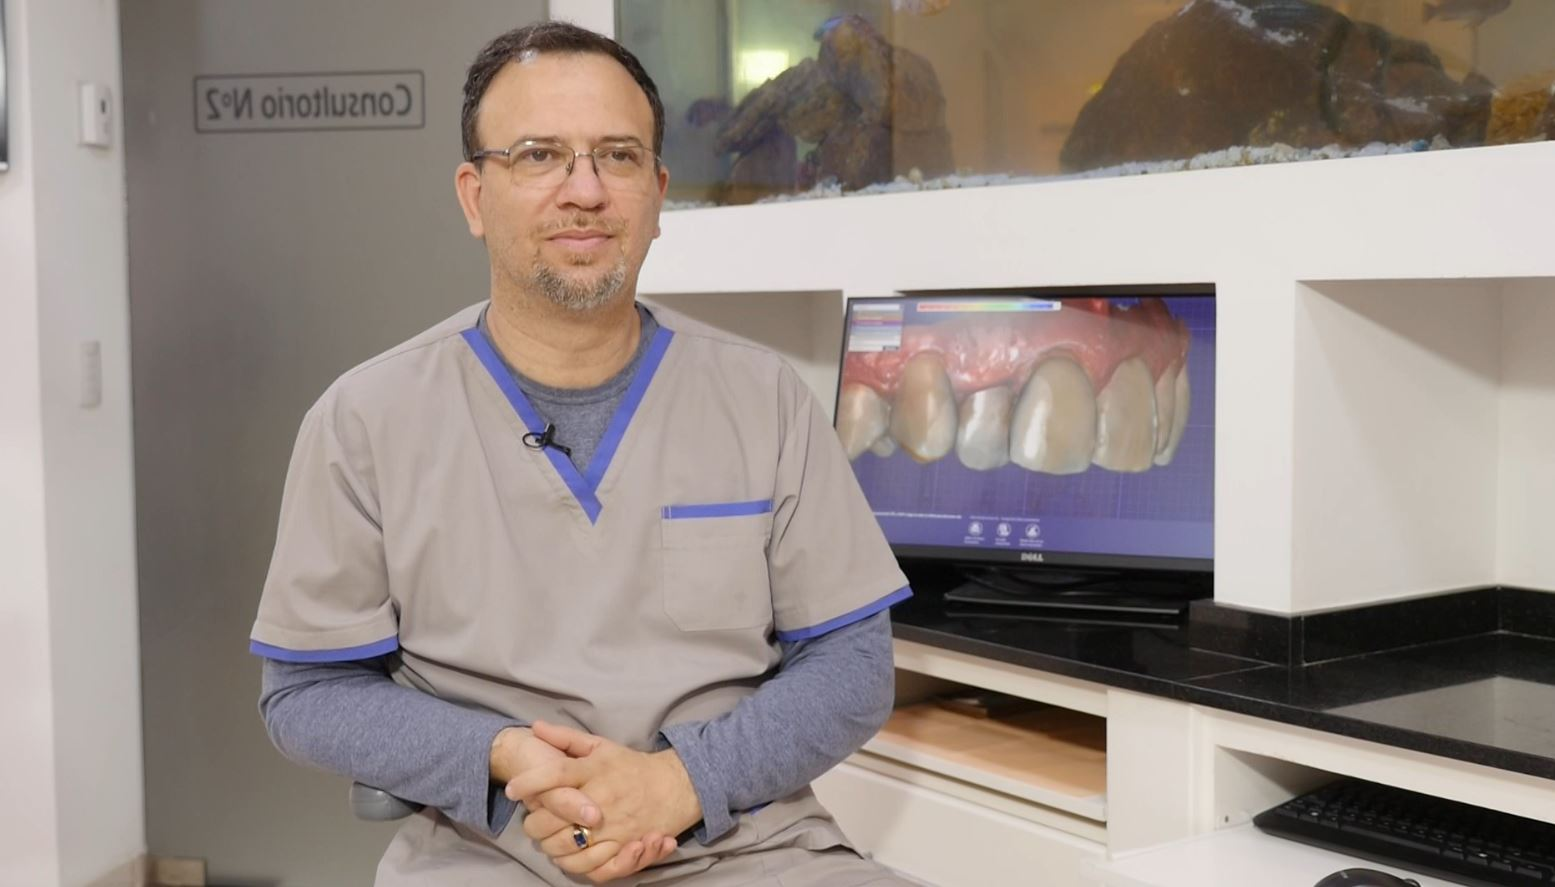 Los arreglos dentales que hacen la diferencia